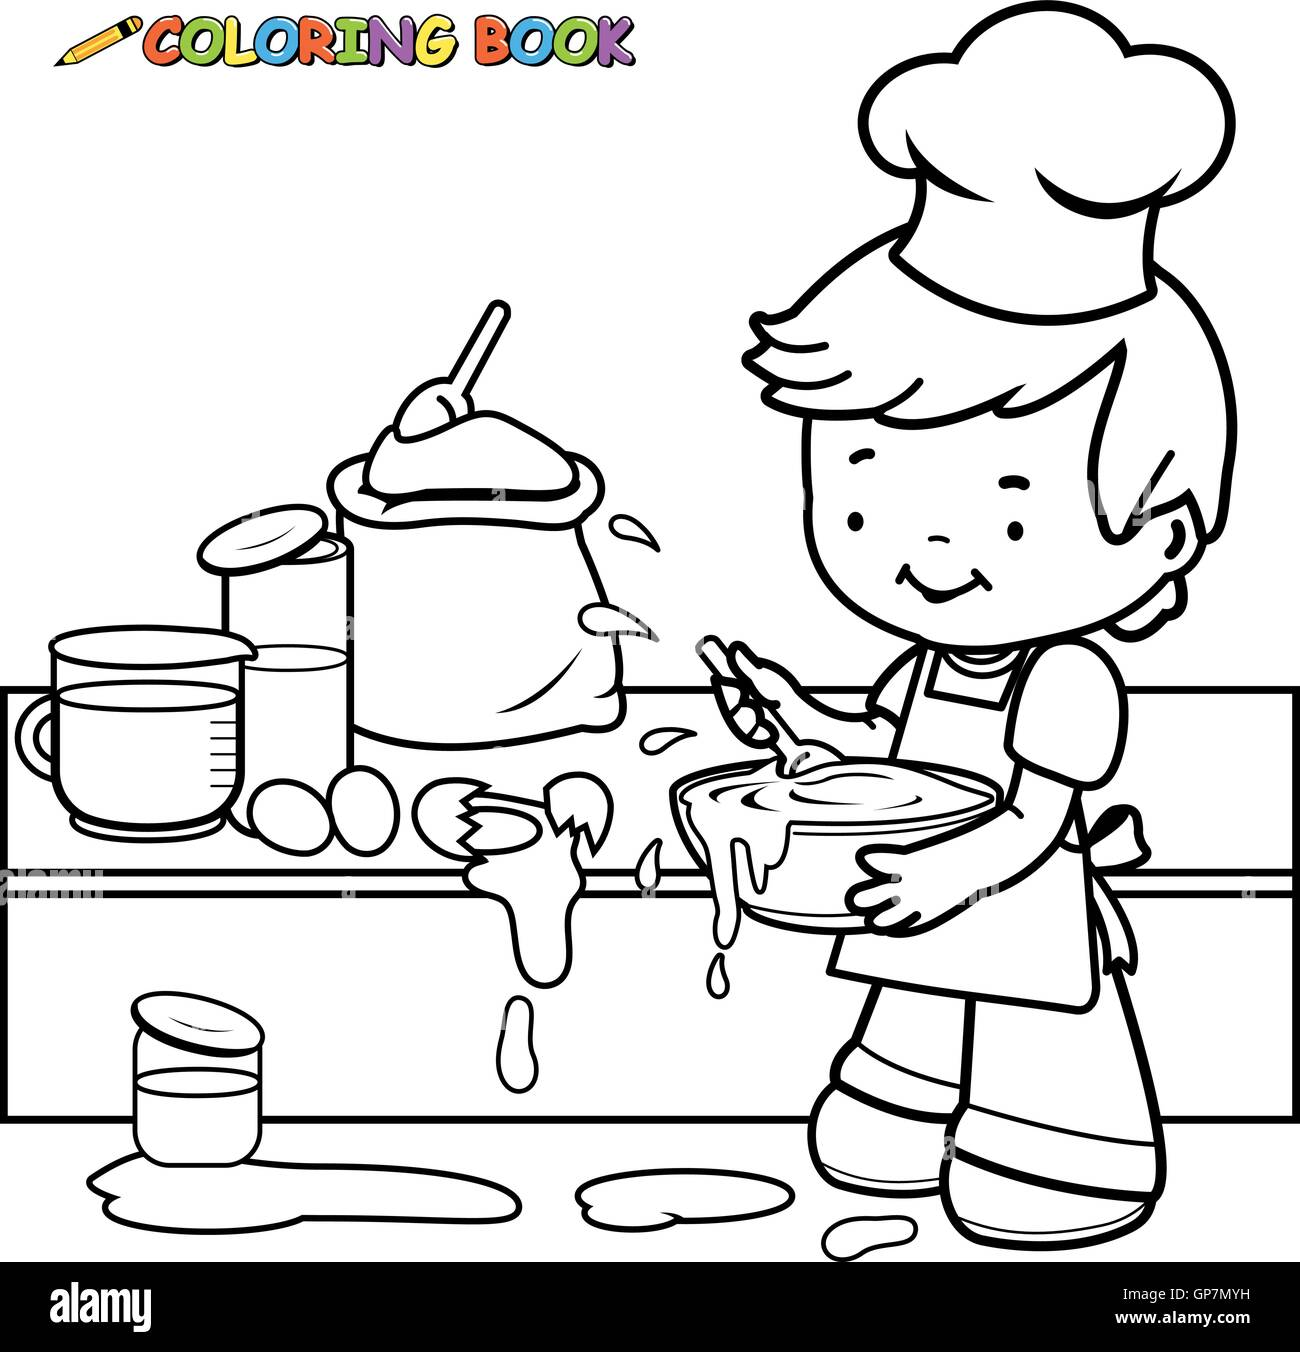 Kleiner Junge Kochen und ein Chaos Buch Malvorlagen Vektor Abbildung ...